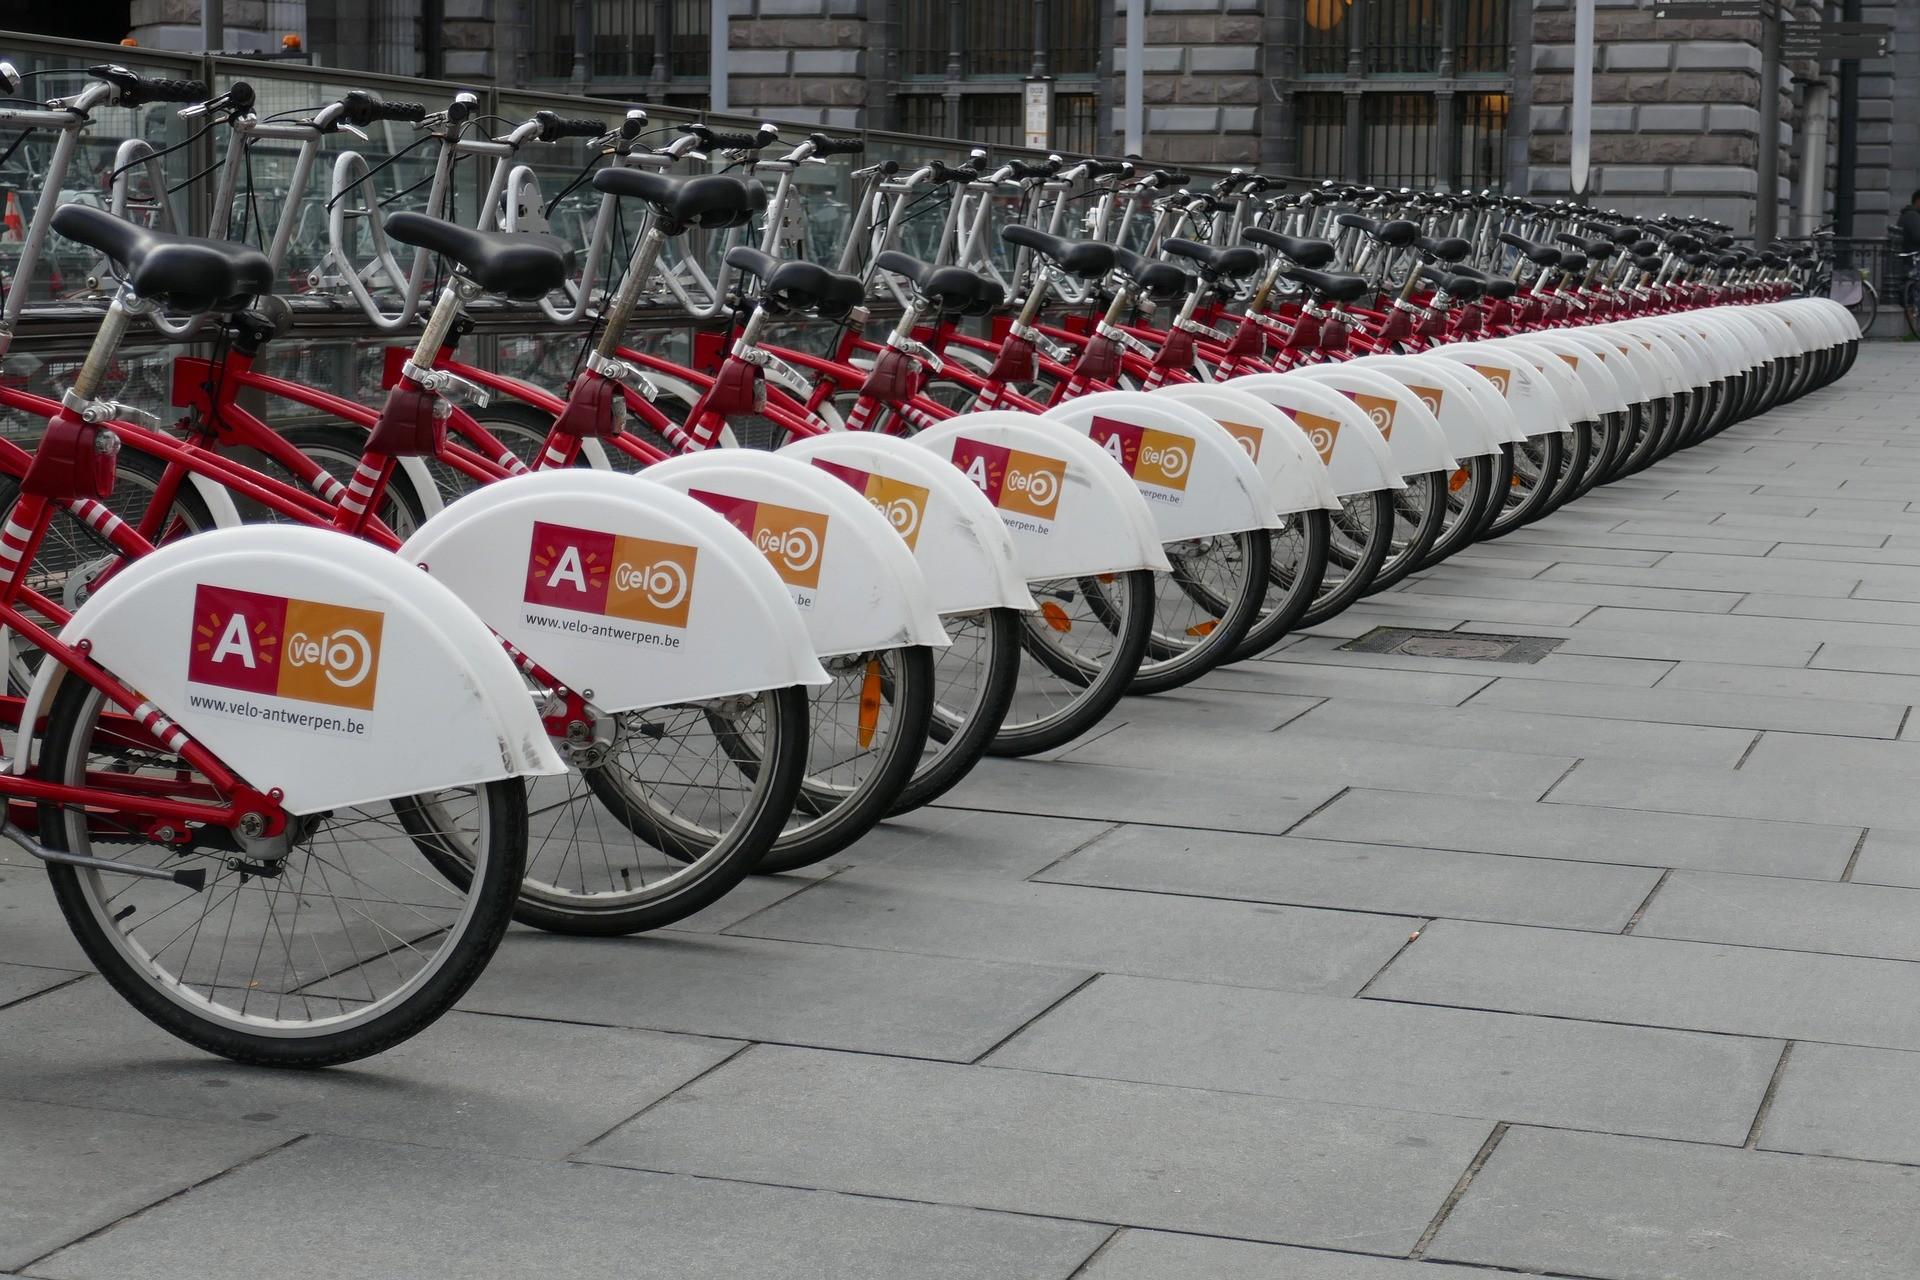 ride sharing bikes